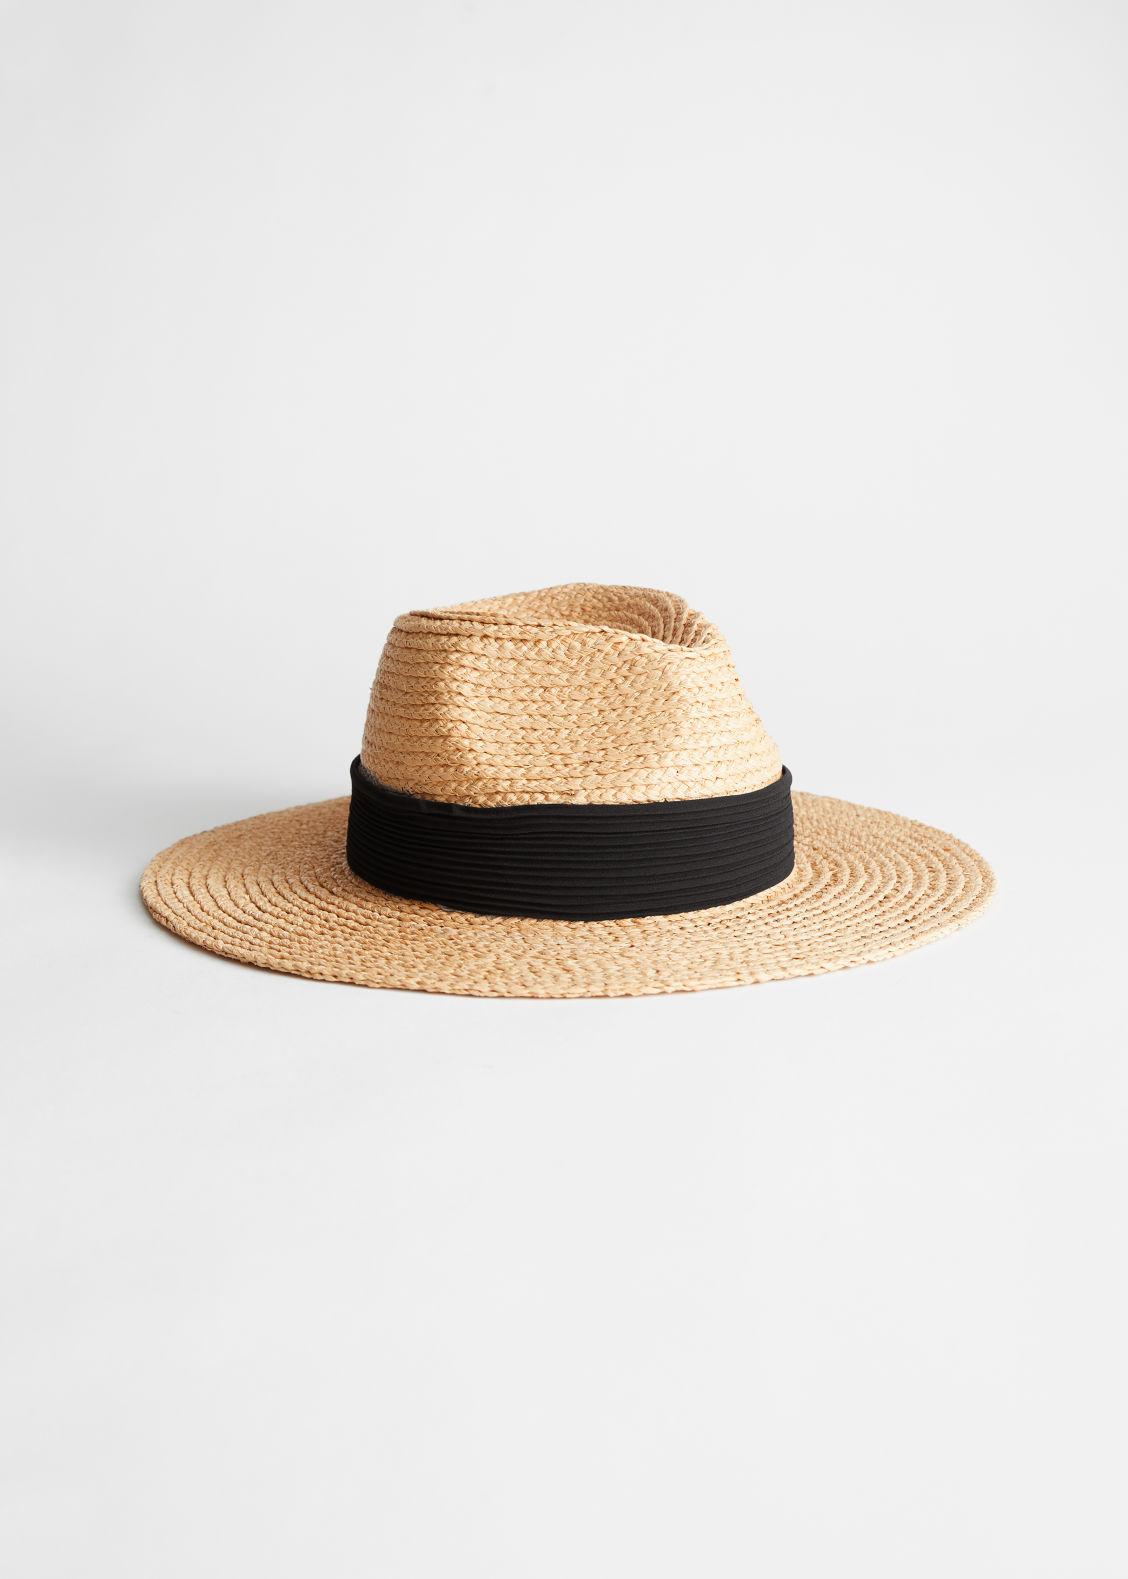 앤 아더 스토리즈 스트로우햇 & OTHER STORIES Ribbon Brim Woven Straw Hat,Natural Straw